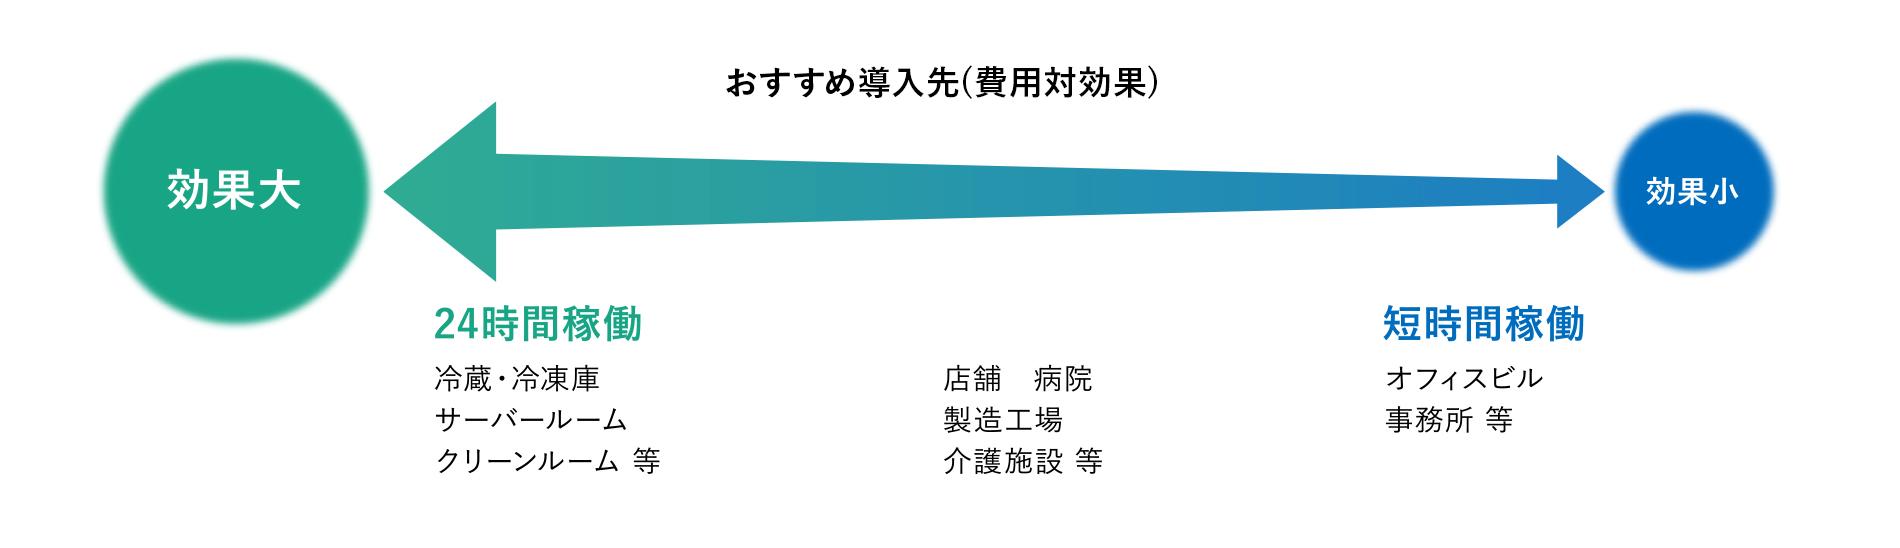 フィールドイメージ